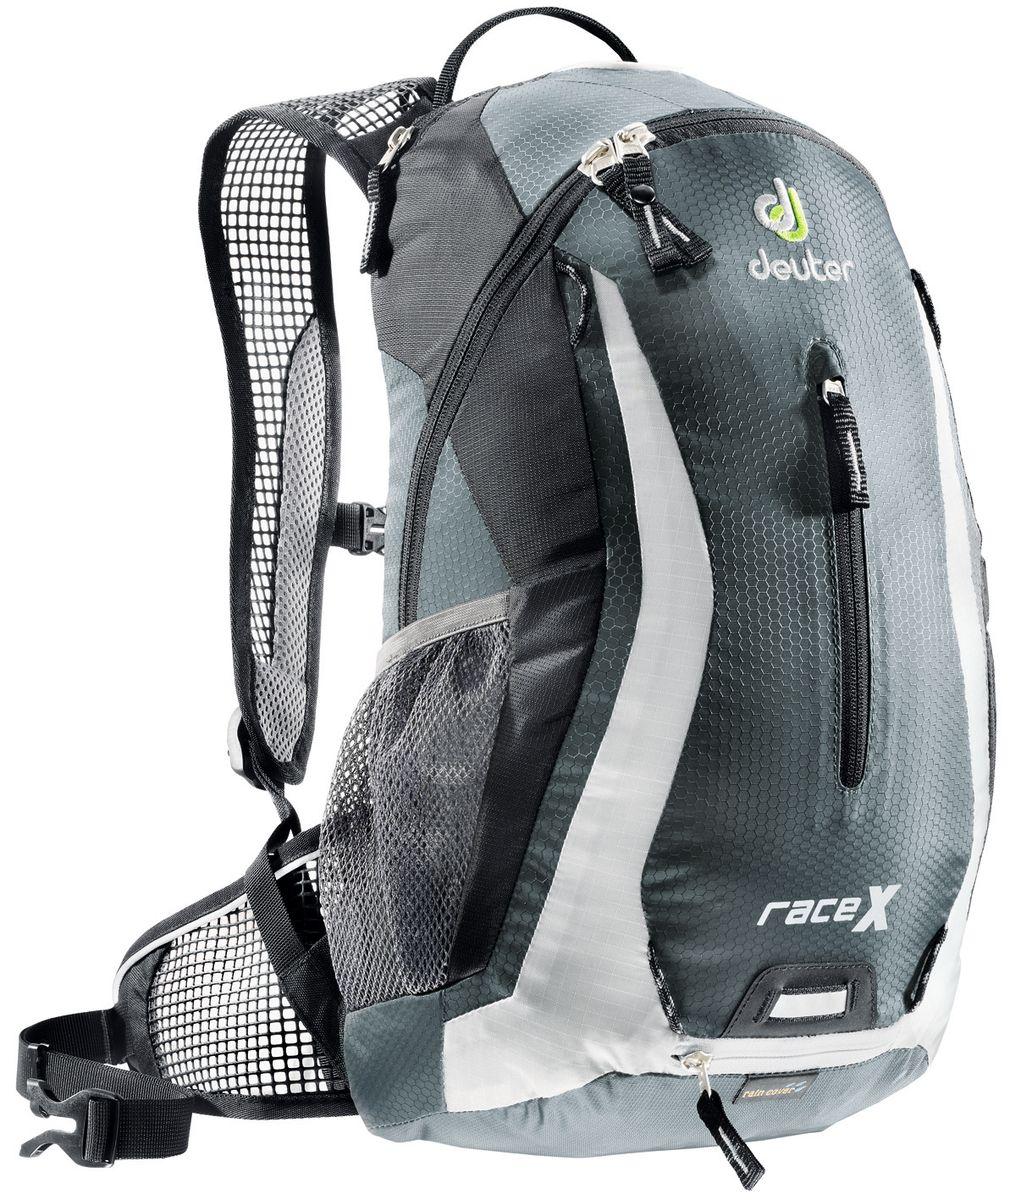 Рюкзак Deuter Race X, цвет: темно-серый, белый, 12 л32123_4111Маленький спортивный и обтекаемый велосипедный рюкзак Deuter Race X. Простой дизайн, технологичный материал Hexlite-идеальный выбор для сторонников минимального веса. Особенности:- вентилируемая спинка Deuter Airstripes; - анатомические плечевые лямки из сетки и нагрудный ремень с удобной регулировкой; - набедренный пояс с сетчатыми крыльями; - наружный карман, небольшой верхний карман на молнии, передний карман; - отражатели 3M спереди, сзади и по бокам; - внутренний карман для мелких вещей; - петля для крепления ночного габарита Safety Blink; - чехол от дождя; - сетчатые боковые карманы; Вес: 600 грамм. Объём: 12 литров. Размеры: 44x24x18 см.